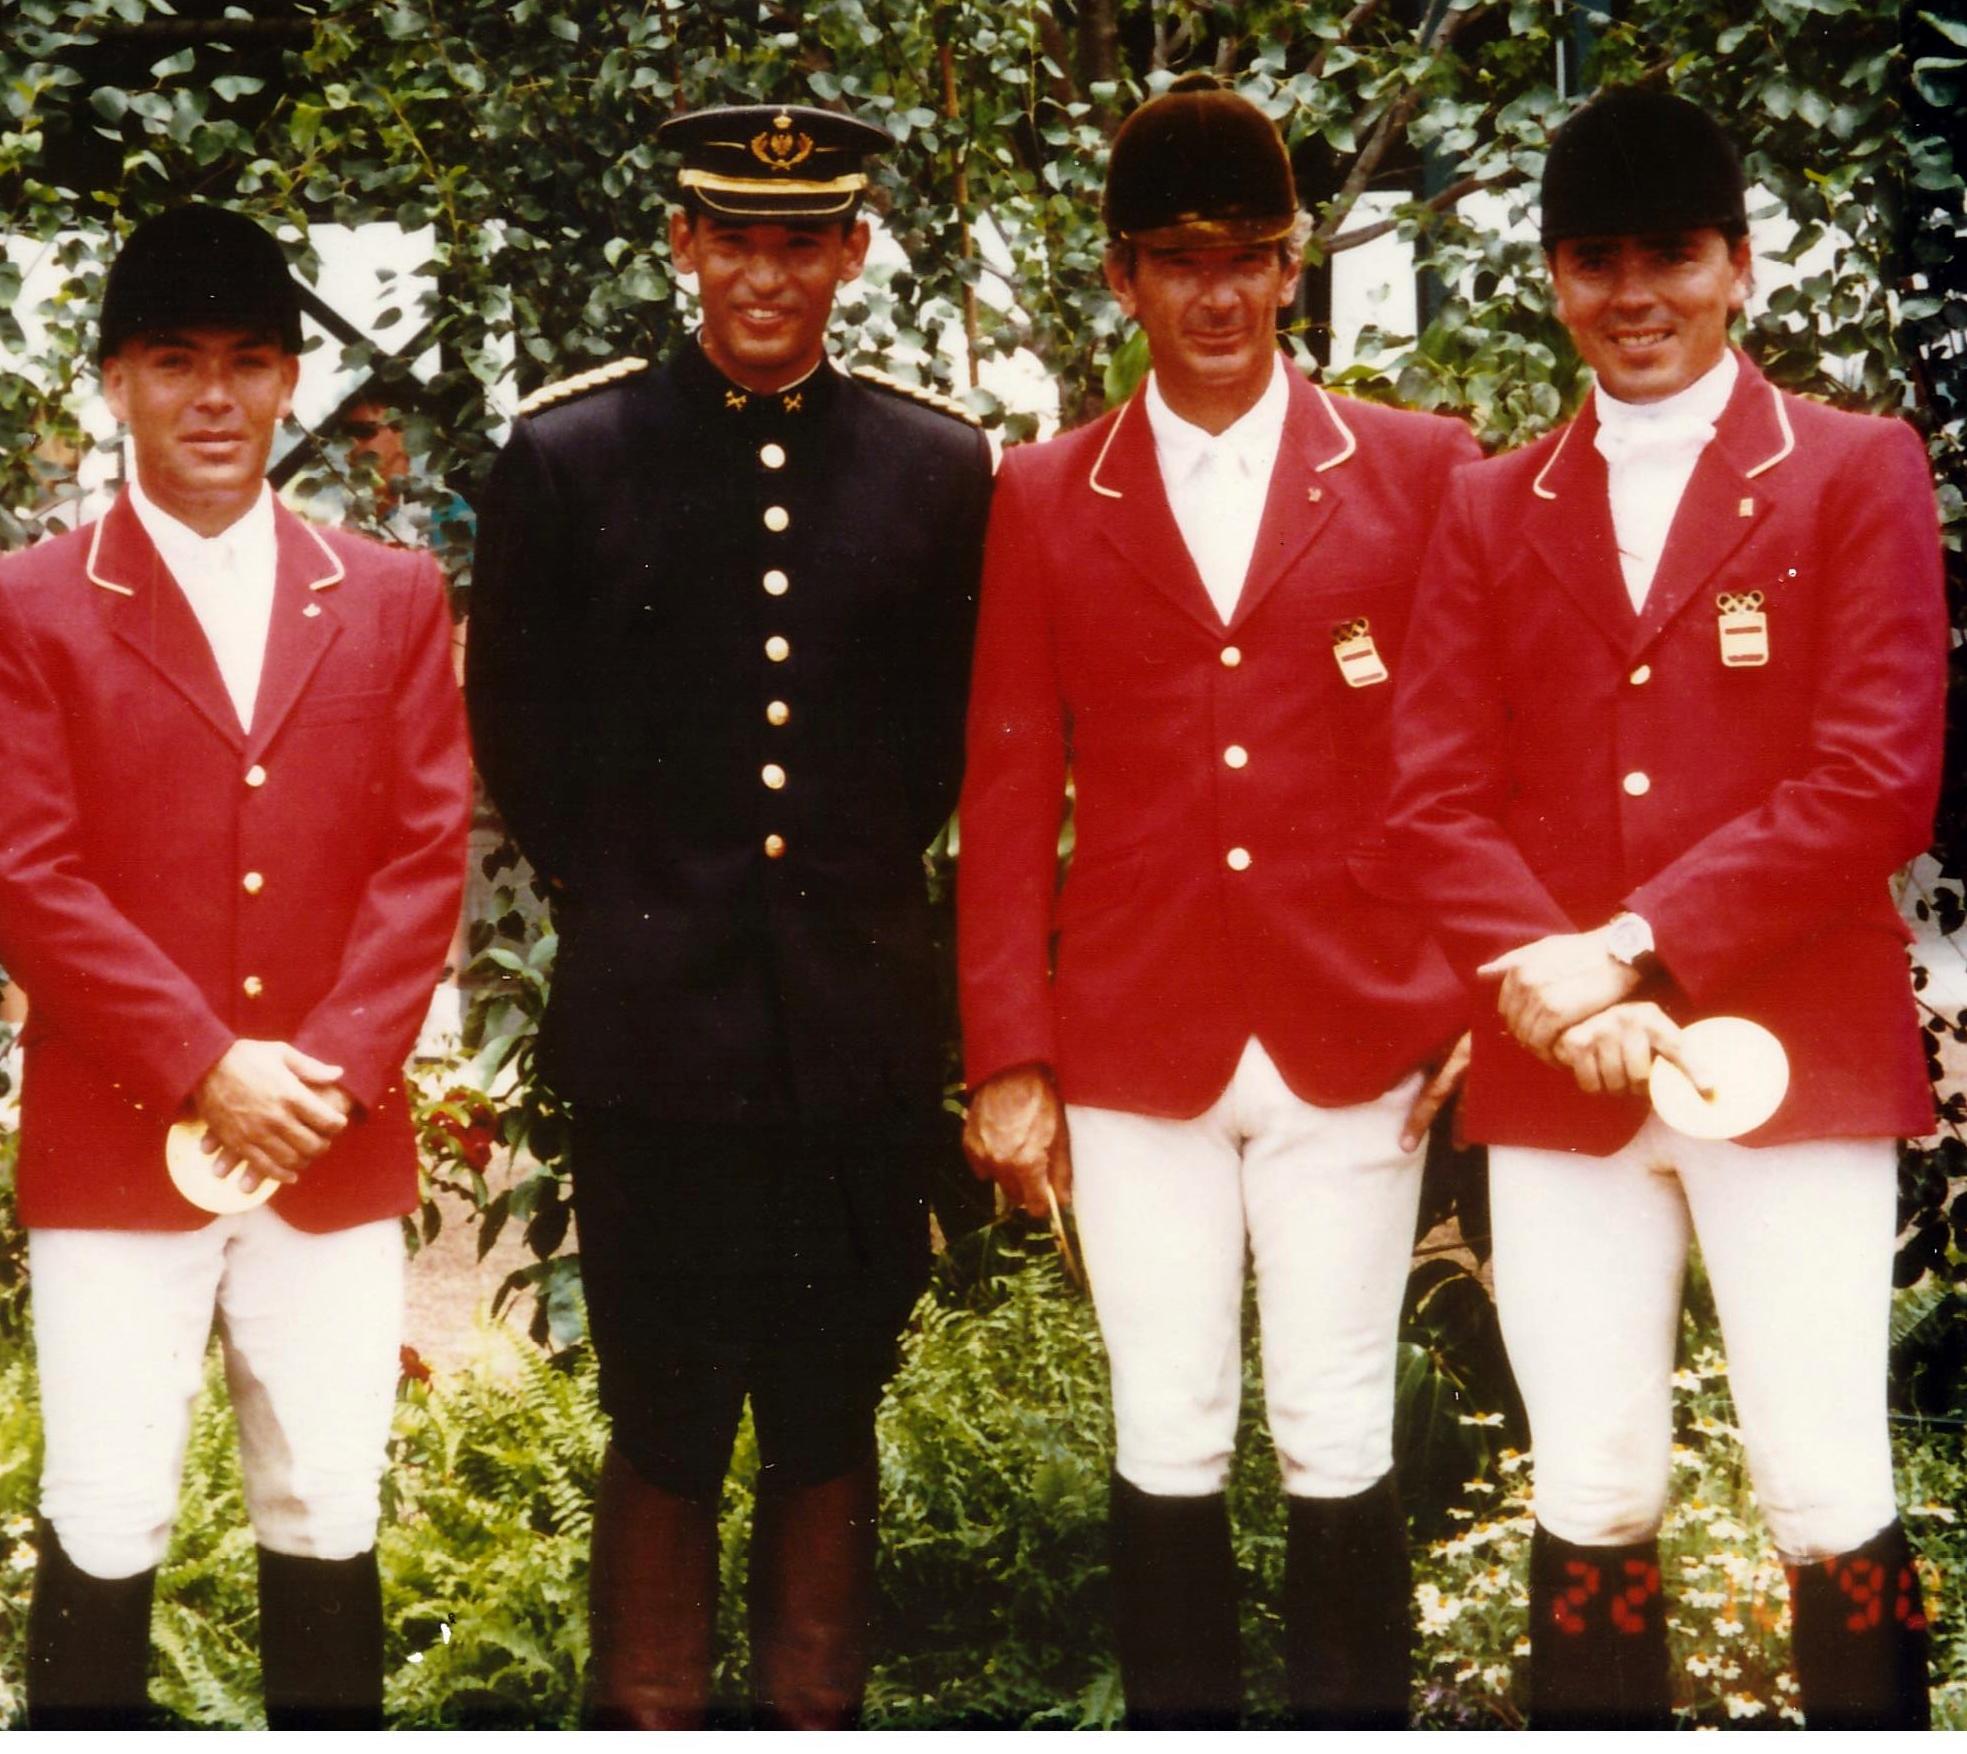 E. Sarasola, S. Centenera, L. Álvarez Cervera y J. Revuelta en el completo de los JJ.OO de Atlanta en que como equipo fueron diploma